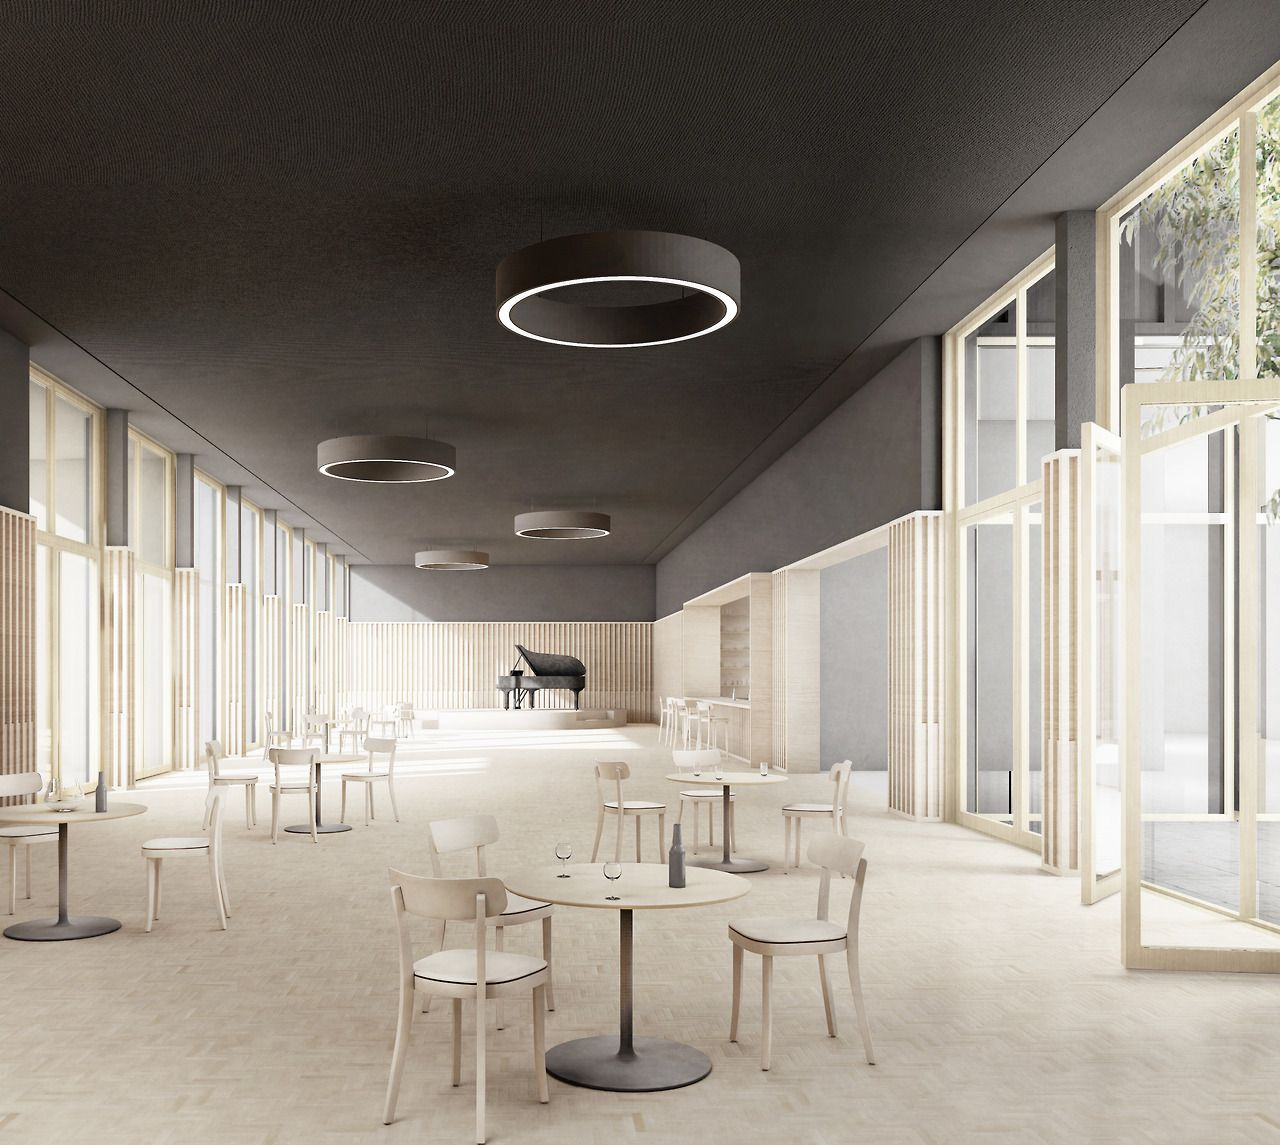 Jazzmuseum berlin architektur darstellung architektur visualisierung visualisierung und - Architekturvisualisierung berlin ...